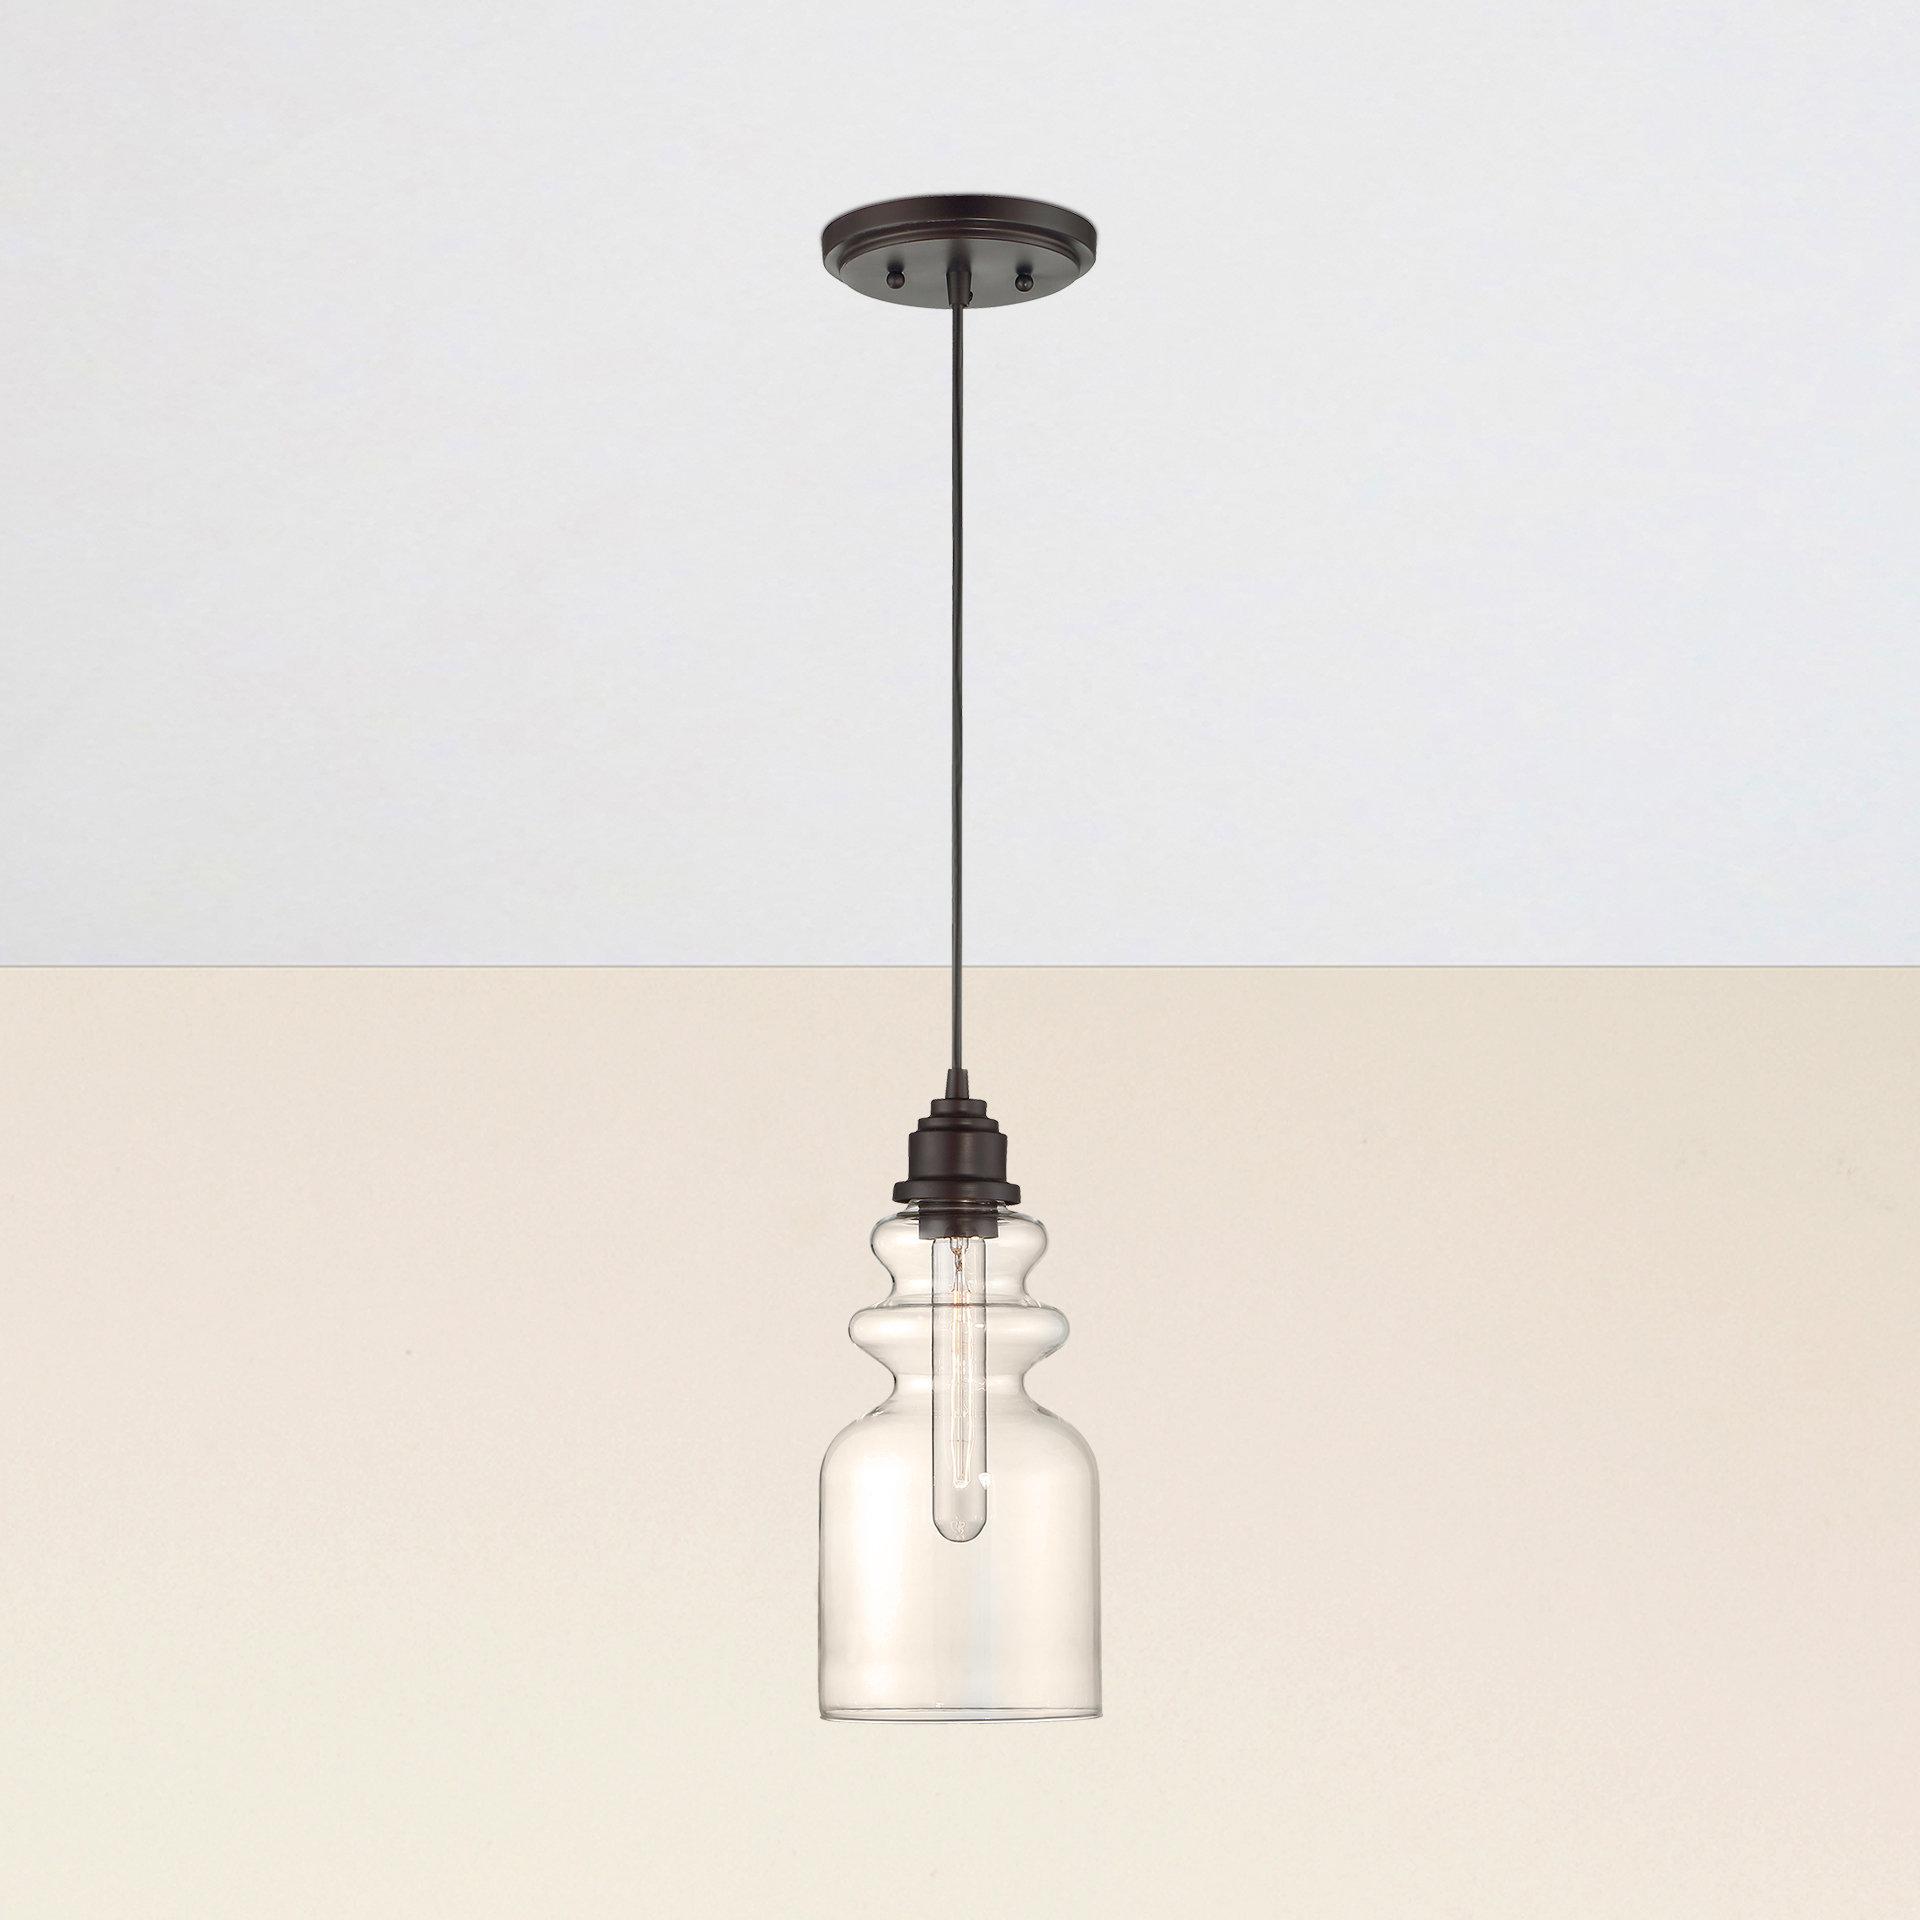 Roslindale 1 Light Single Bell Pendants In Latest Reade 1 Light Bell Pendant (View 11 of 20)